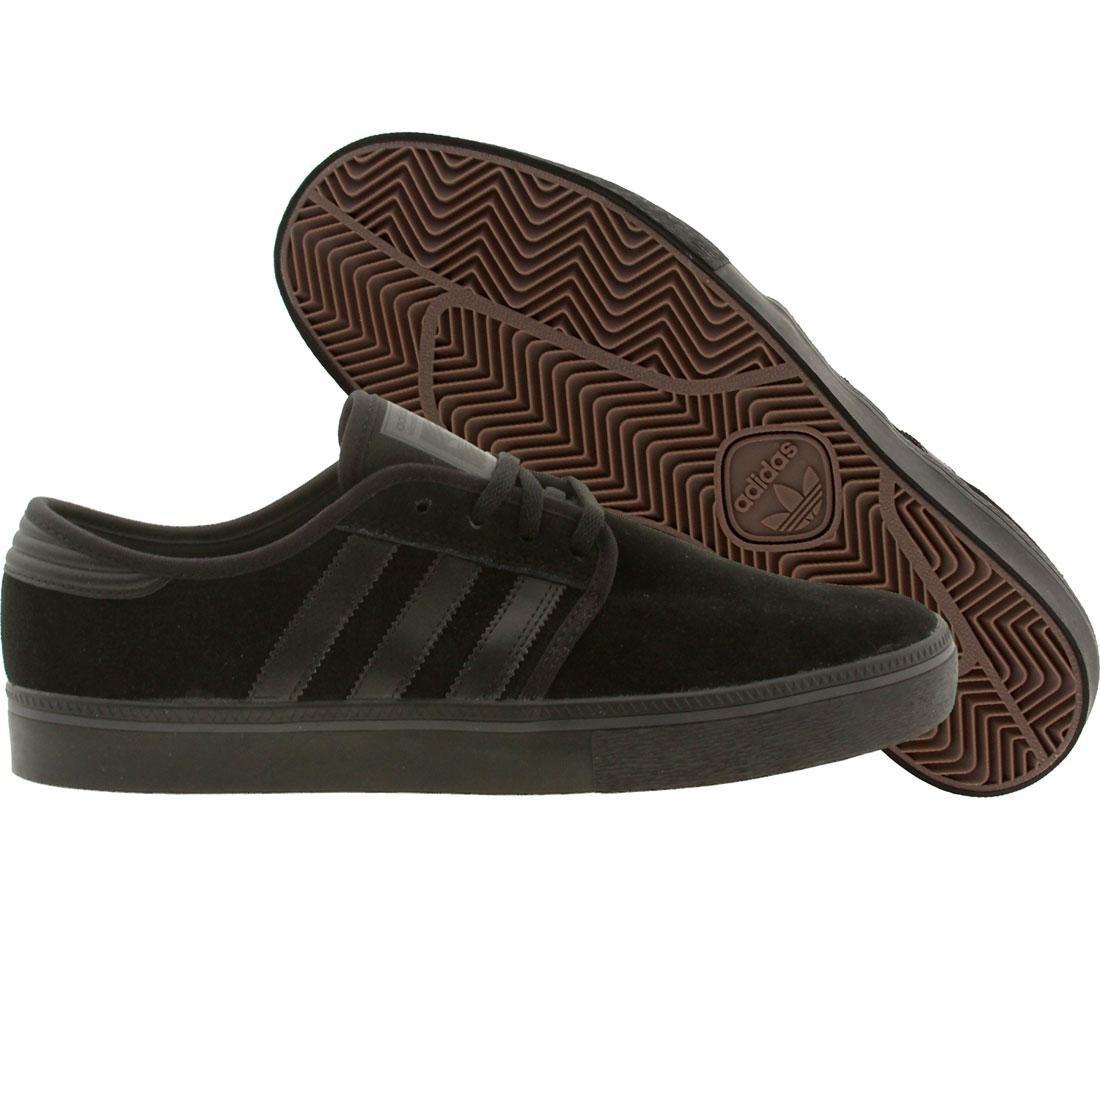 【海外限定】アディダス スケート 靴 スニーカー 【 ADIDAS SKATE MEN SEELEY ADV BLACK CBLACK 】